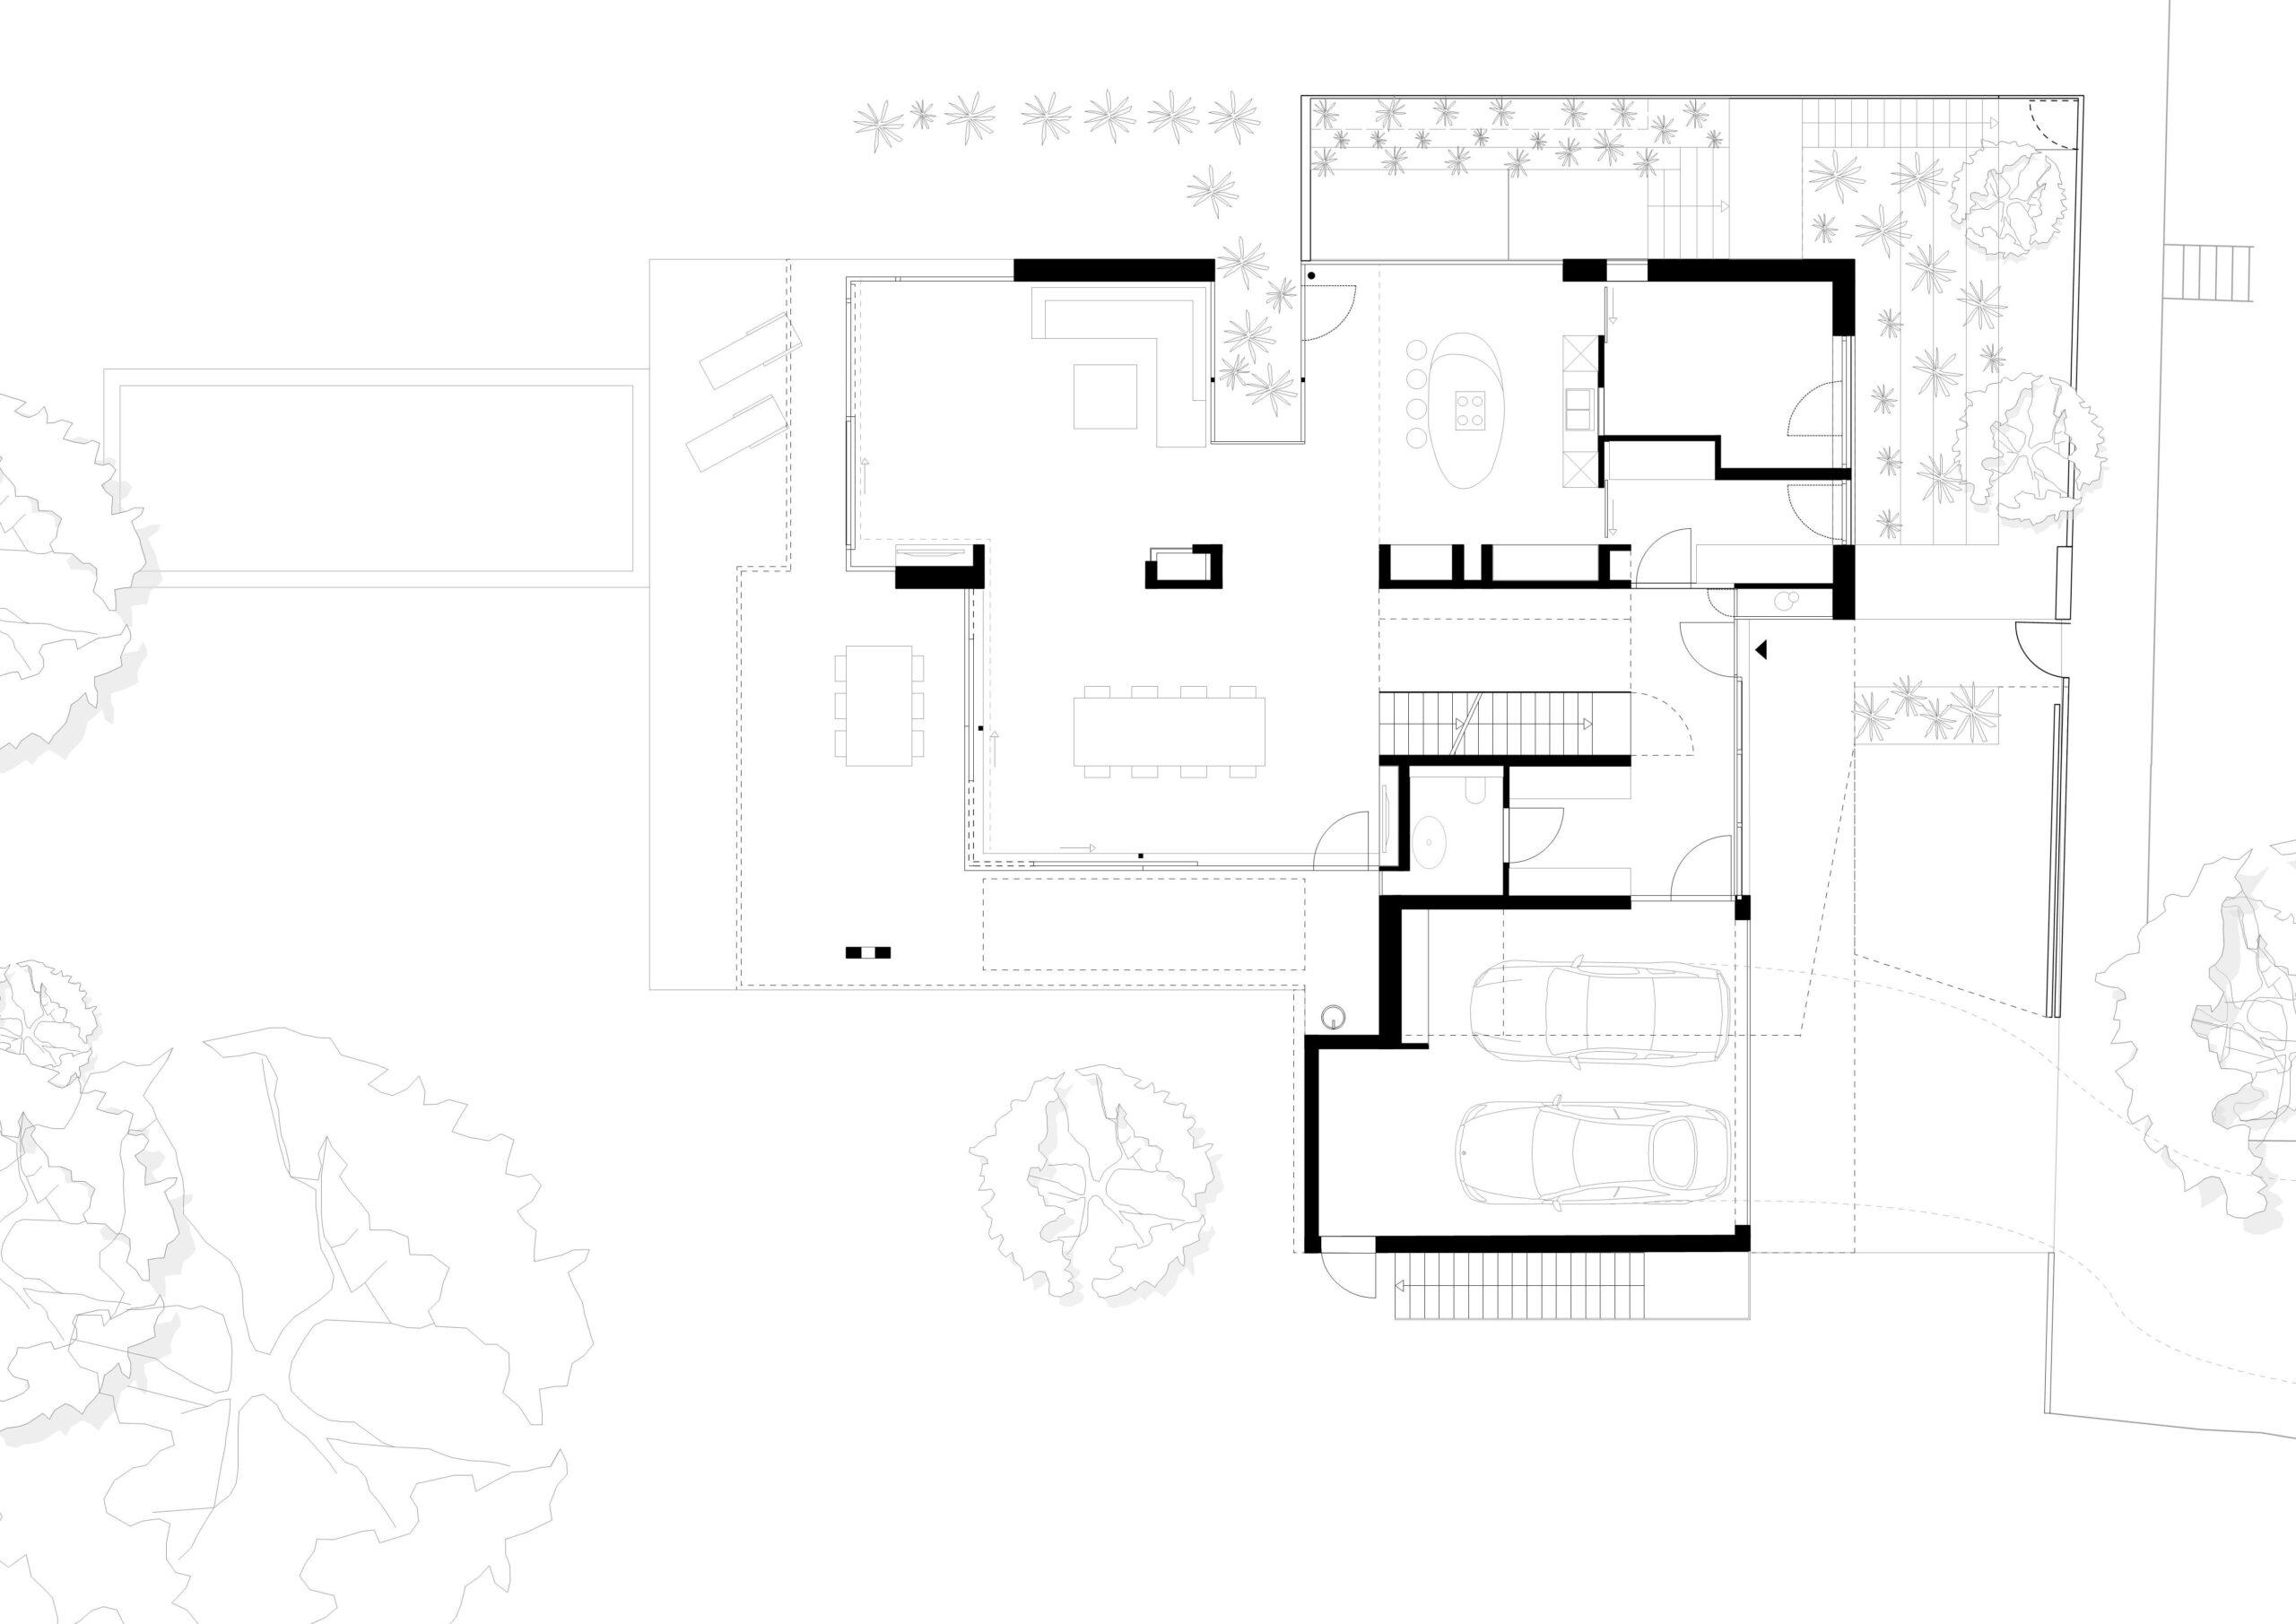 296_Villa P_Grundriss Erdgeschoss_FFM-ARCHITEKTEN